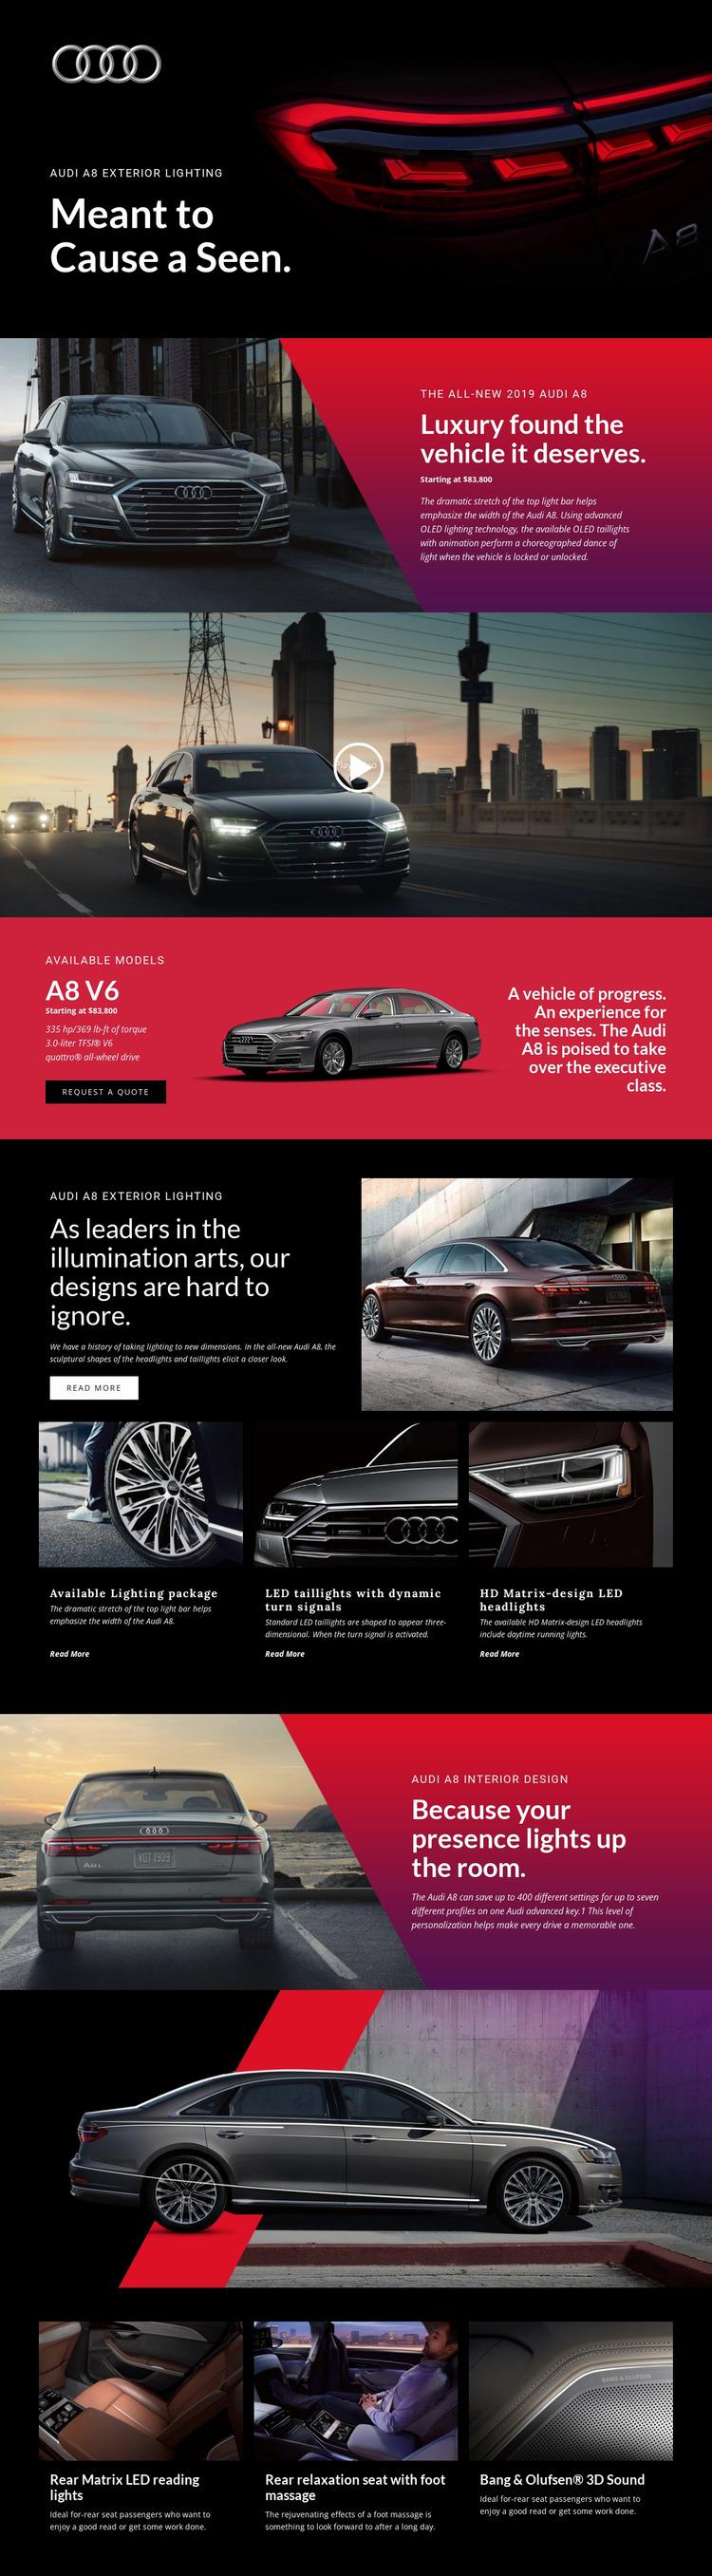 Audi luxury cars Website Mockup